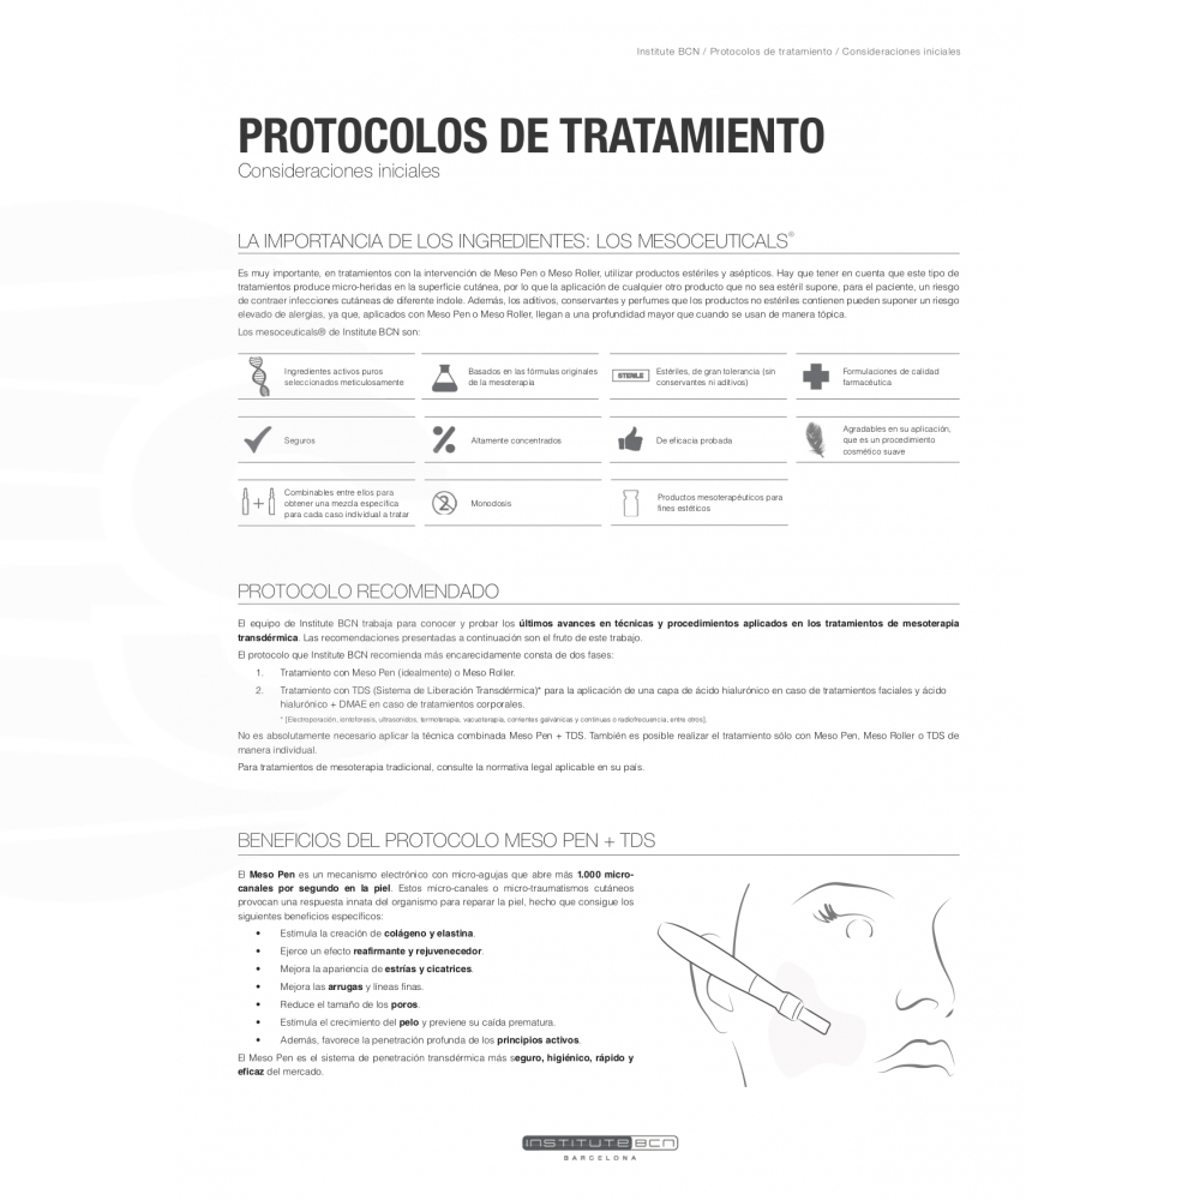 Fosfatidilcolina - 5x Fiale di Soluzione Lipolitica - Principi attivi - Institute BCN